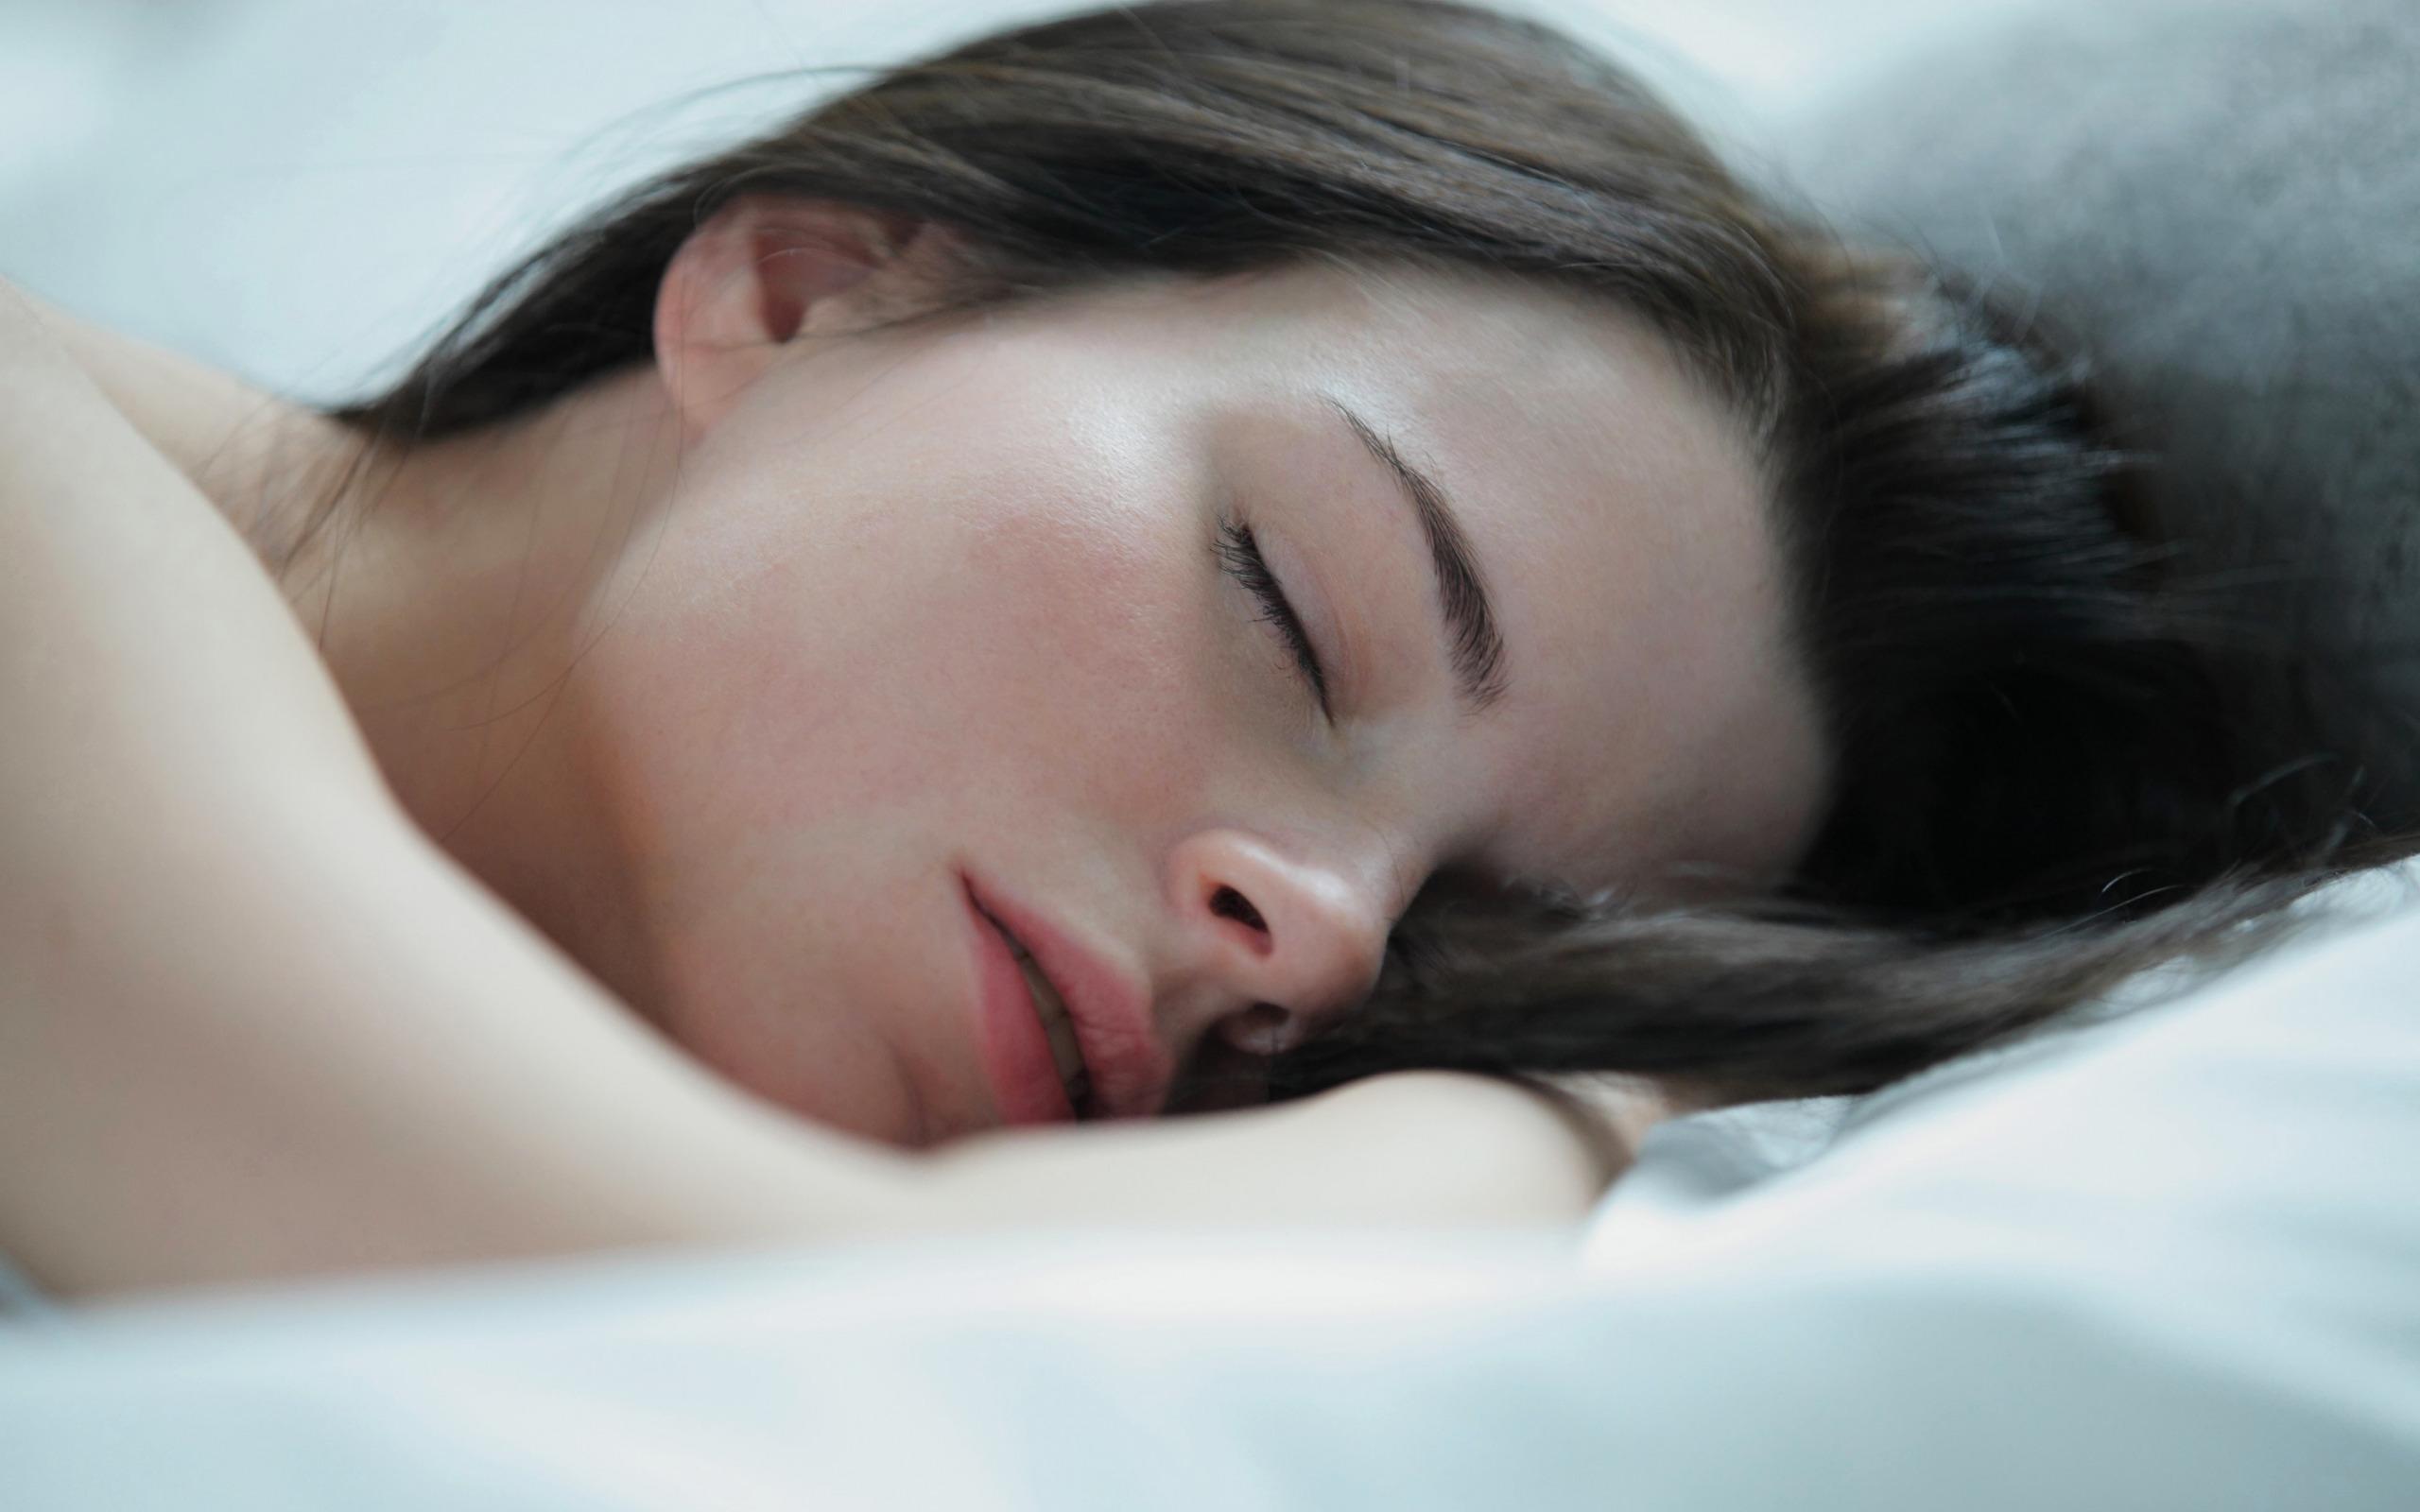 Фото спящей женщины, Спящие голые жены подборка фото частные секс фото 13 фотография